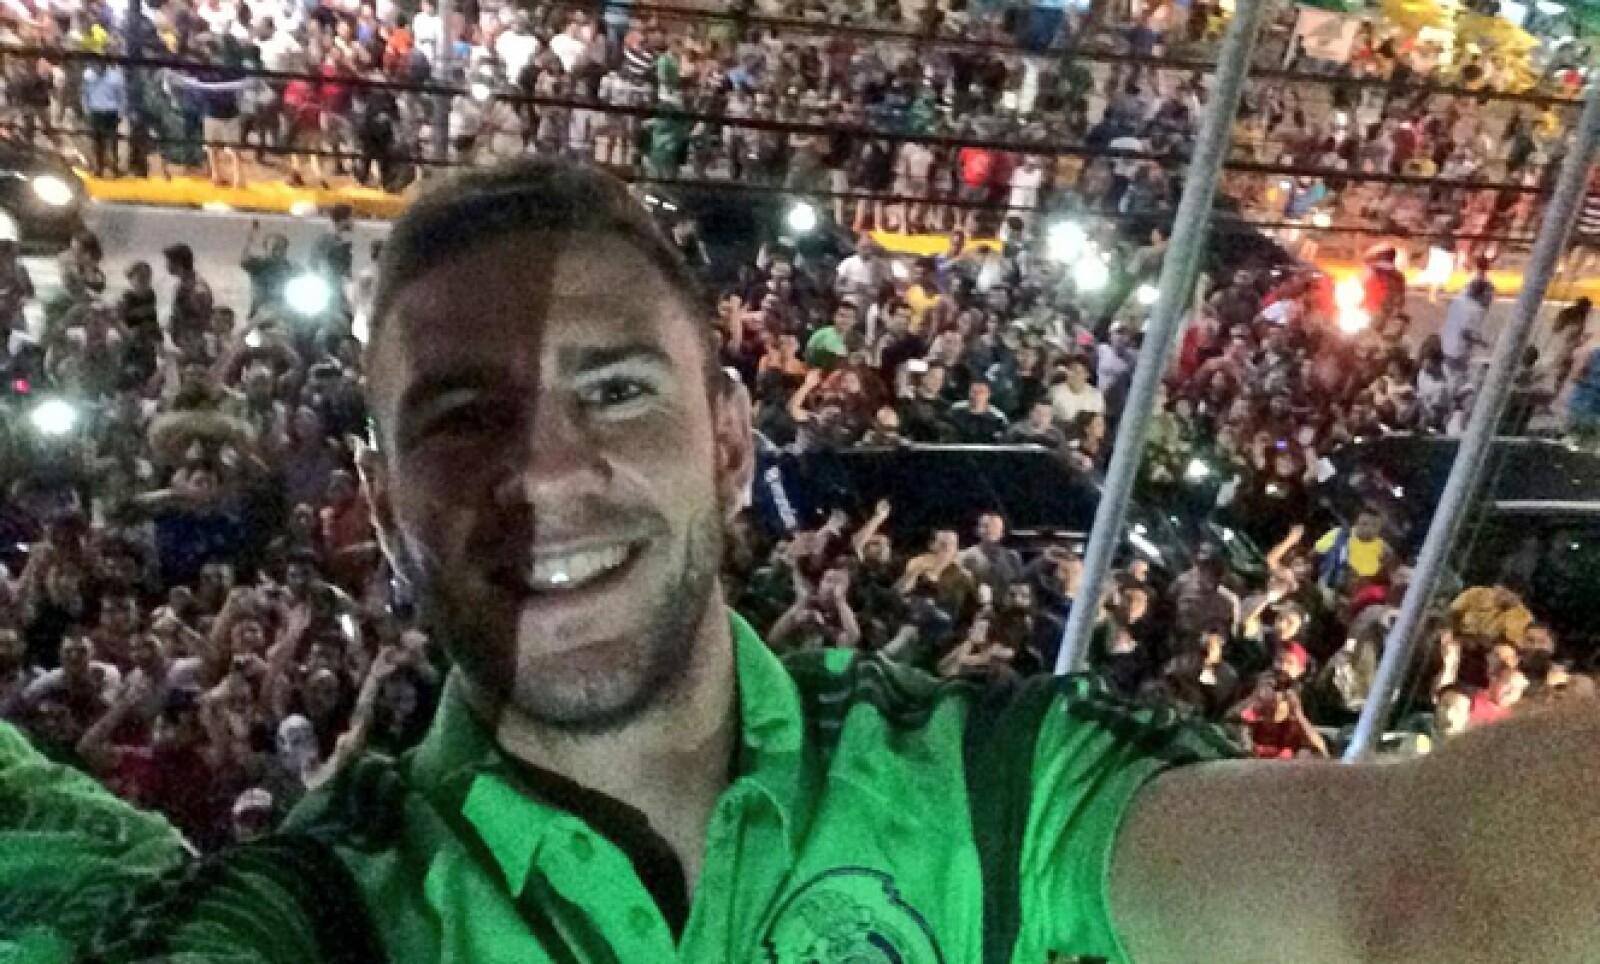 El mexicano Miguel Layún se tomó una 'selfie' previo al juego contra Brasil, cuando cientos de aficionados vitorearon y cantaron junto al equipo.